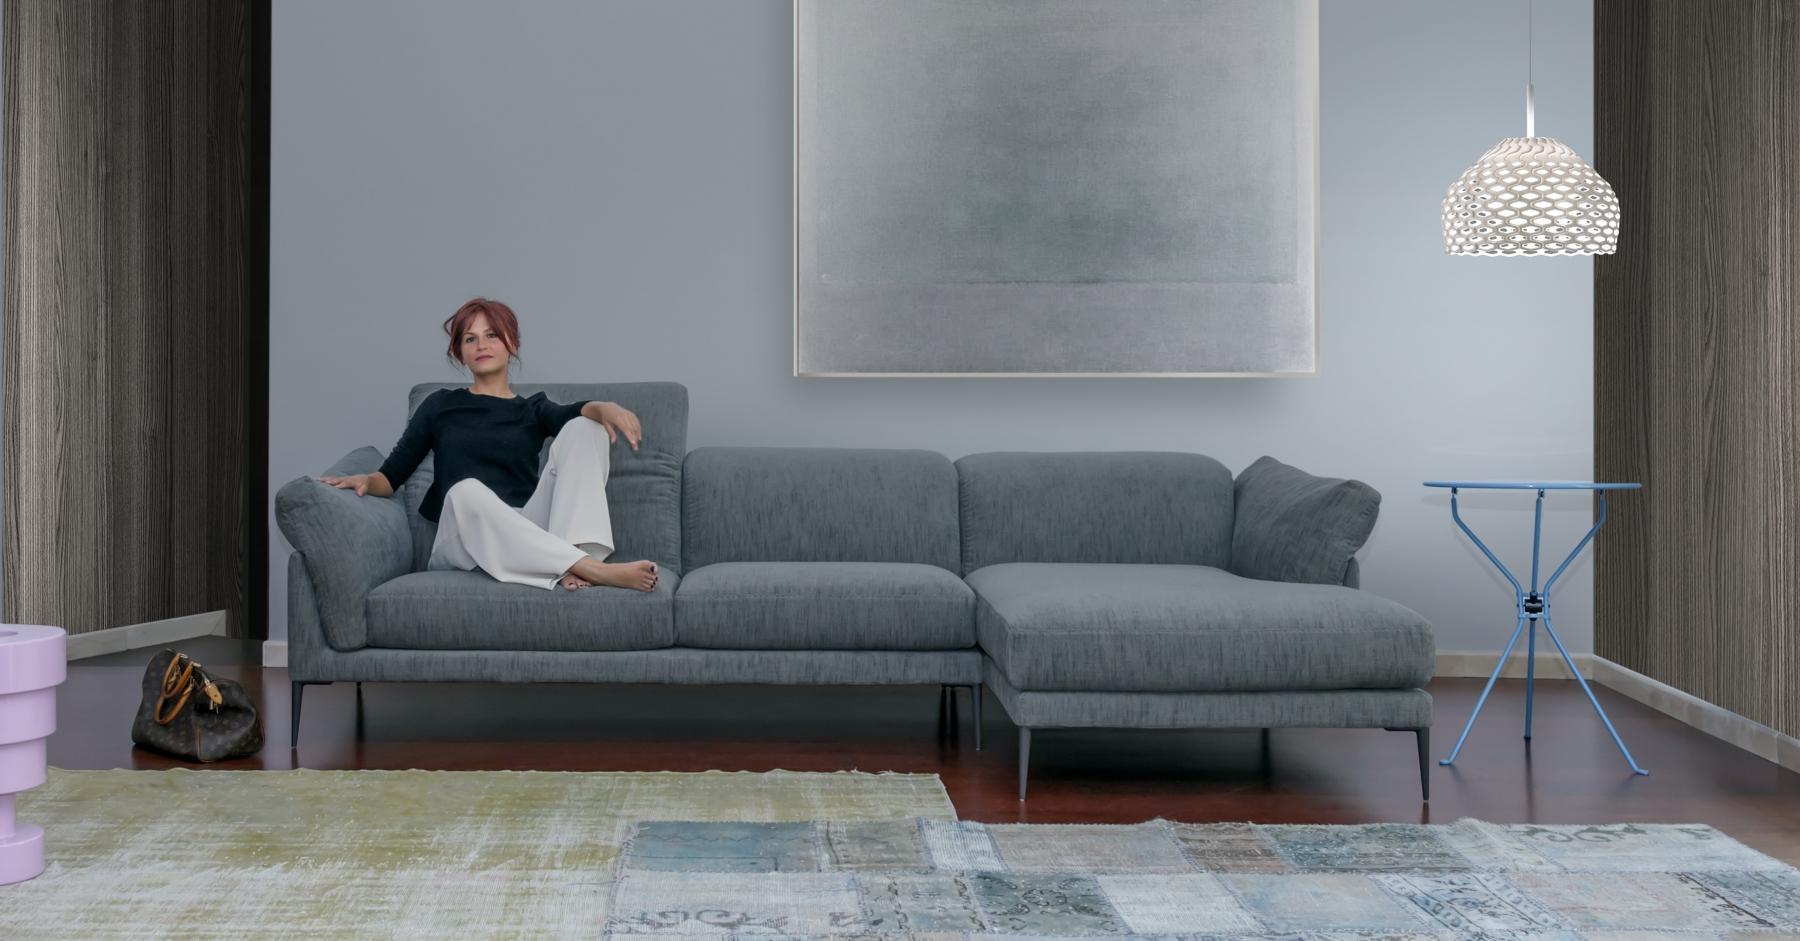 calia italia elisir. Black Bedroom Furniture Sets. Home Design Ideas